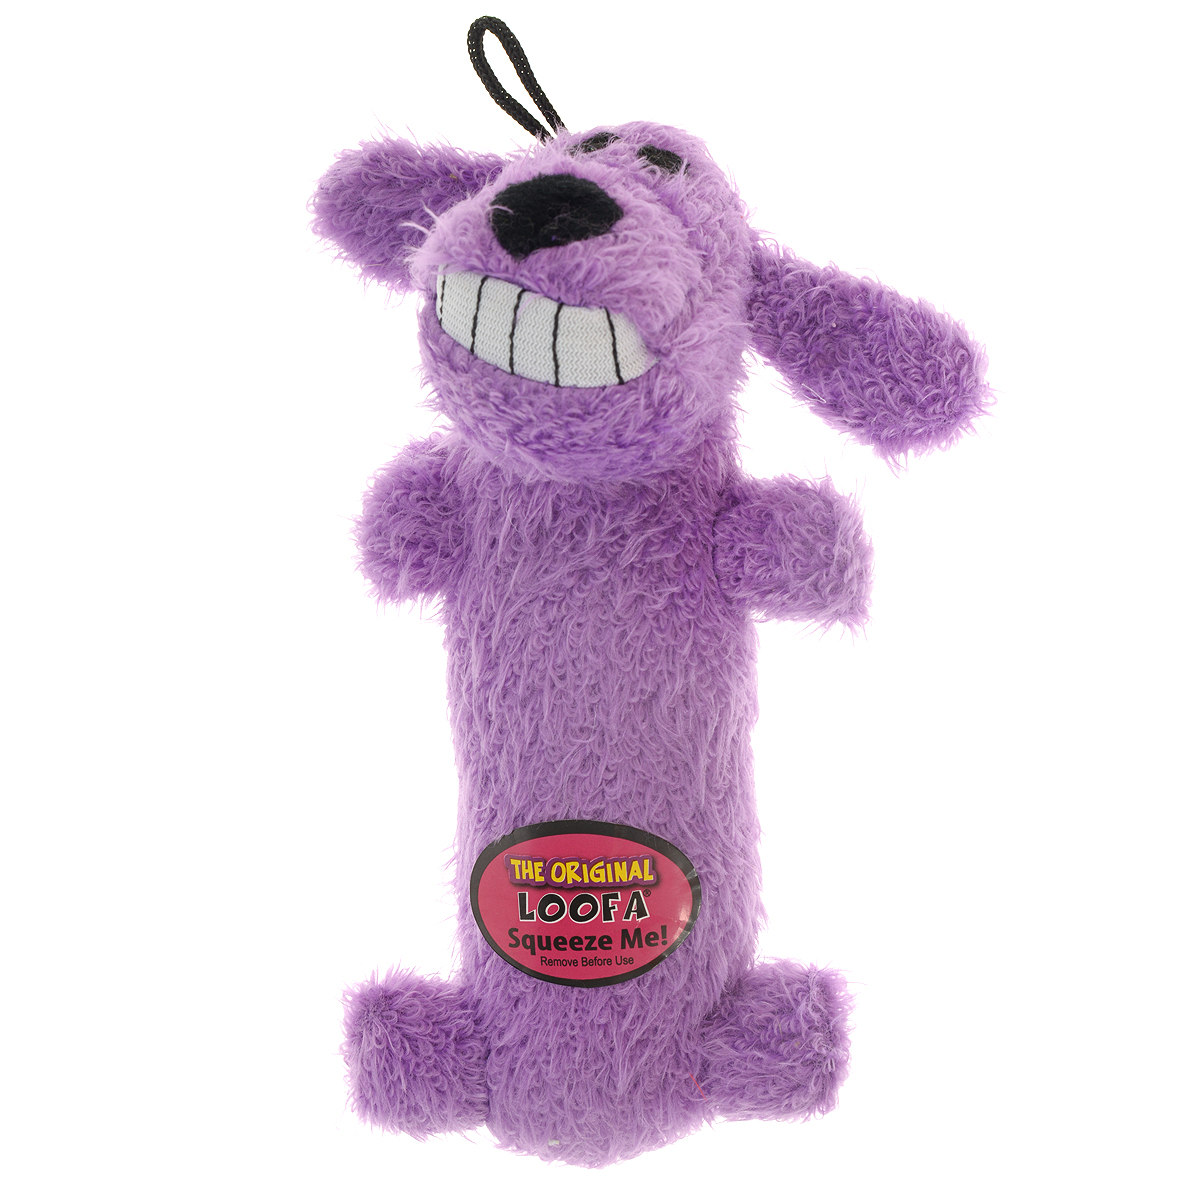 Игрушка для животных Multipet Собака, с пищалкой, цвет: фиолетовый24887 (620900)Игрушка Multipet Собака изготовлена из прочного и долговечного полиэстера, устойчивого к разгрызанию. Необычная и забавная игрушка прекрасно подойдет для собак и кошек, любящих плюшевые игрушки с пищалками, так как в игрушку вшиты 2 пищалки с разным звучанием.